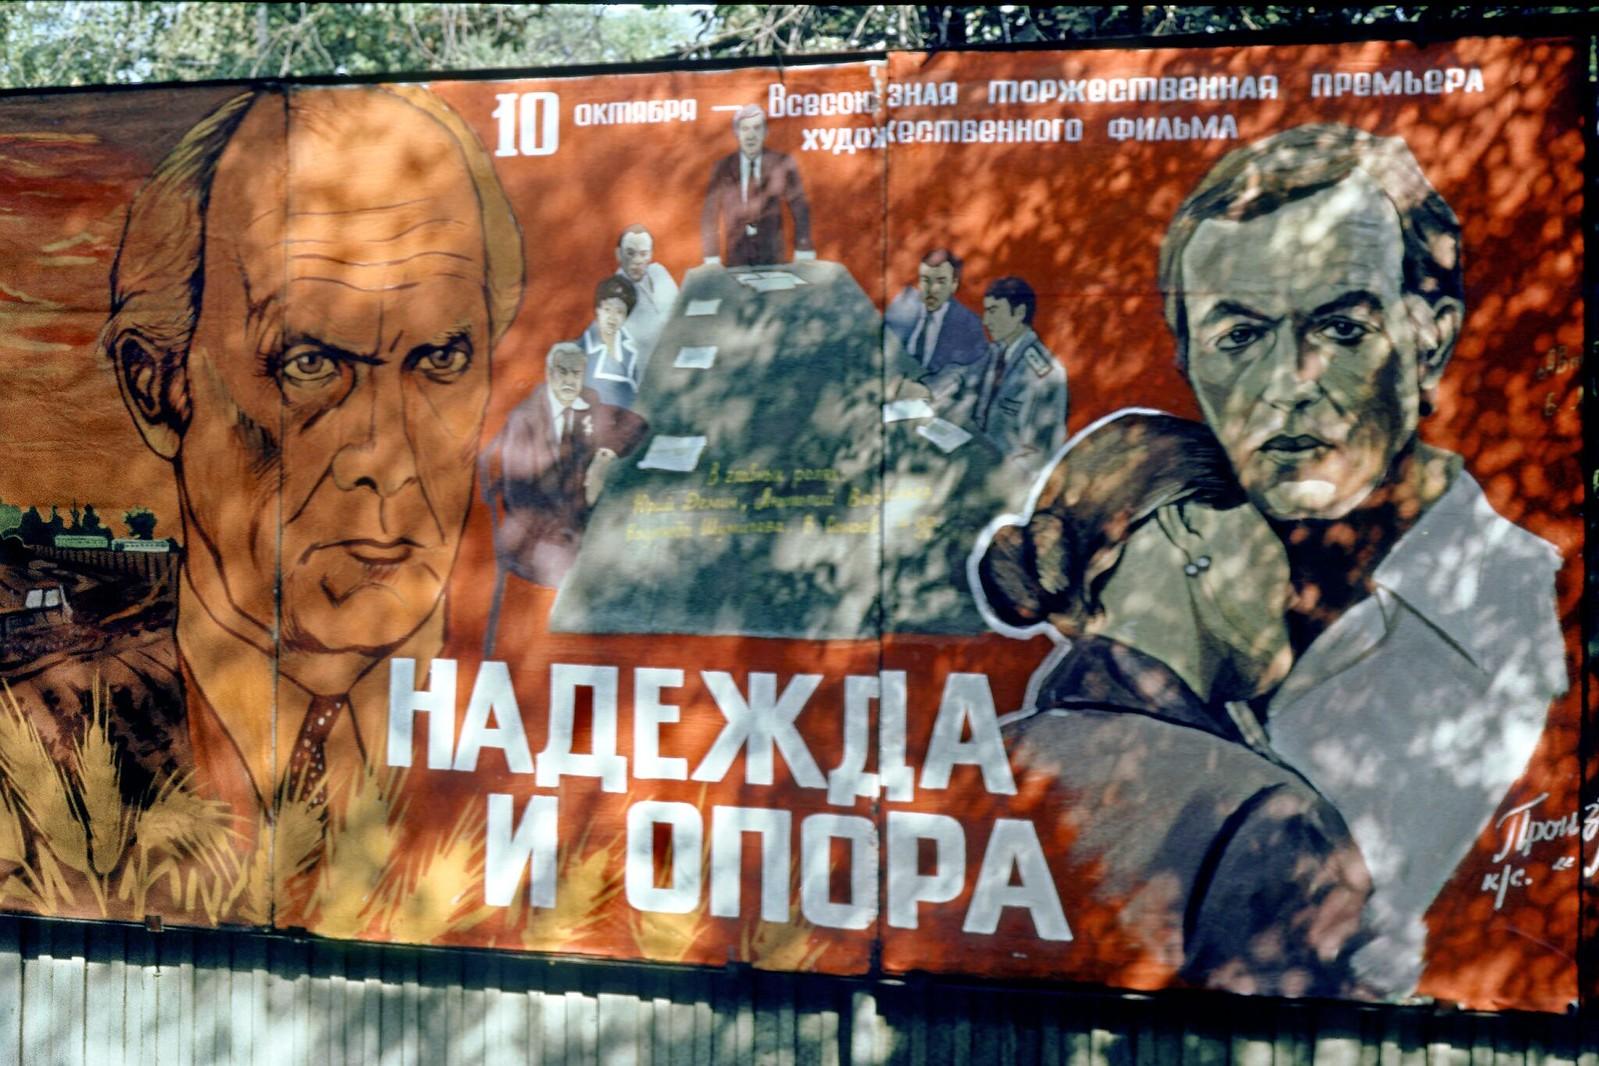 05. 1982. Киноплакат на стене в Алма-Ате